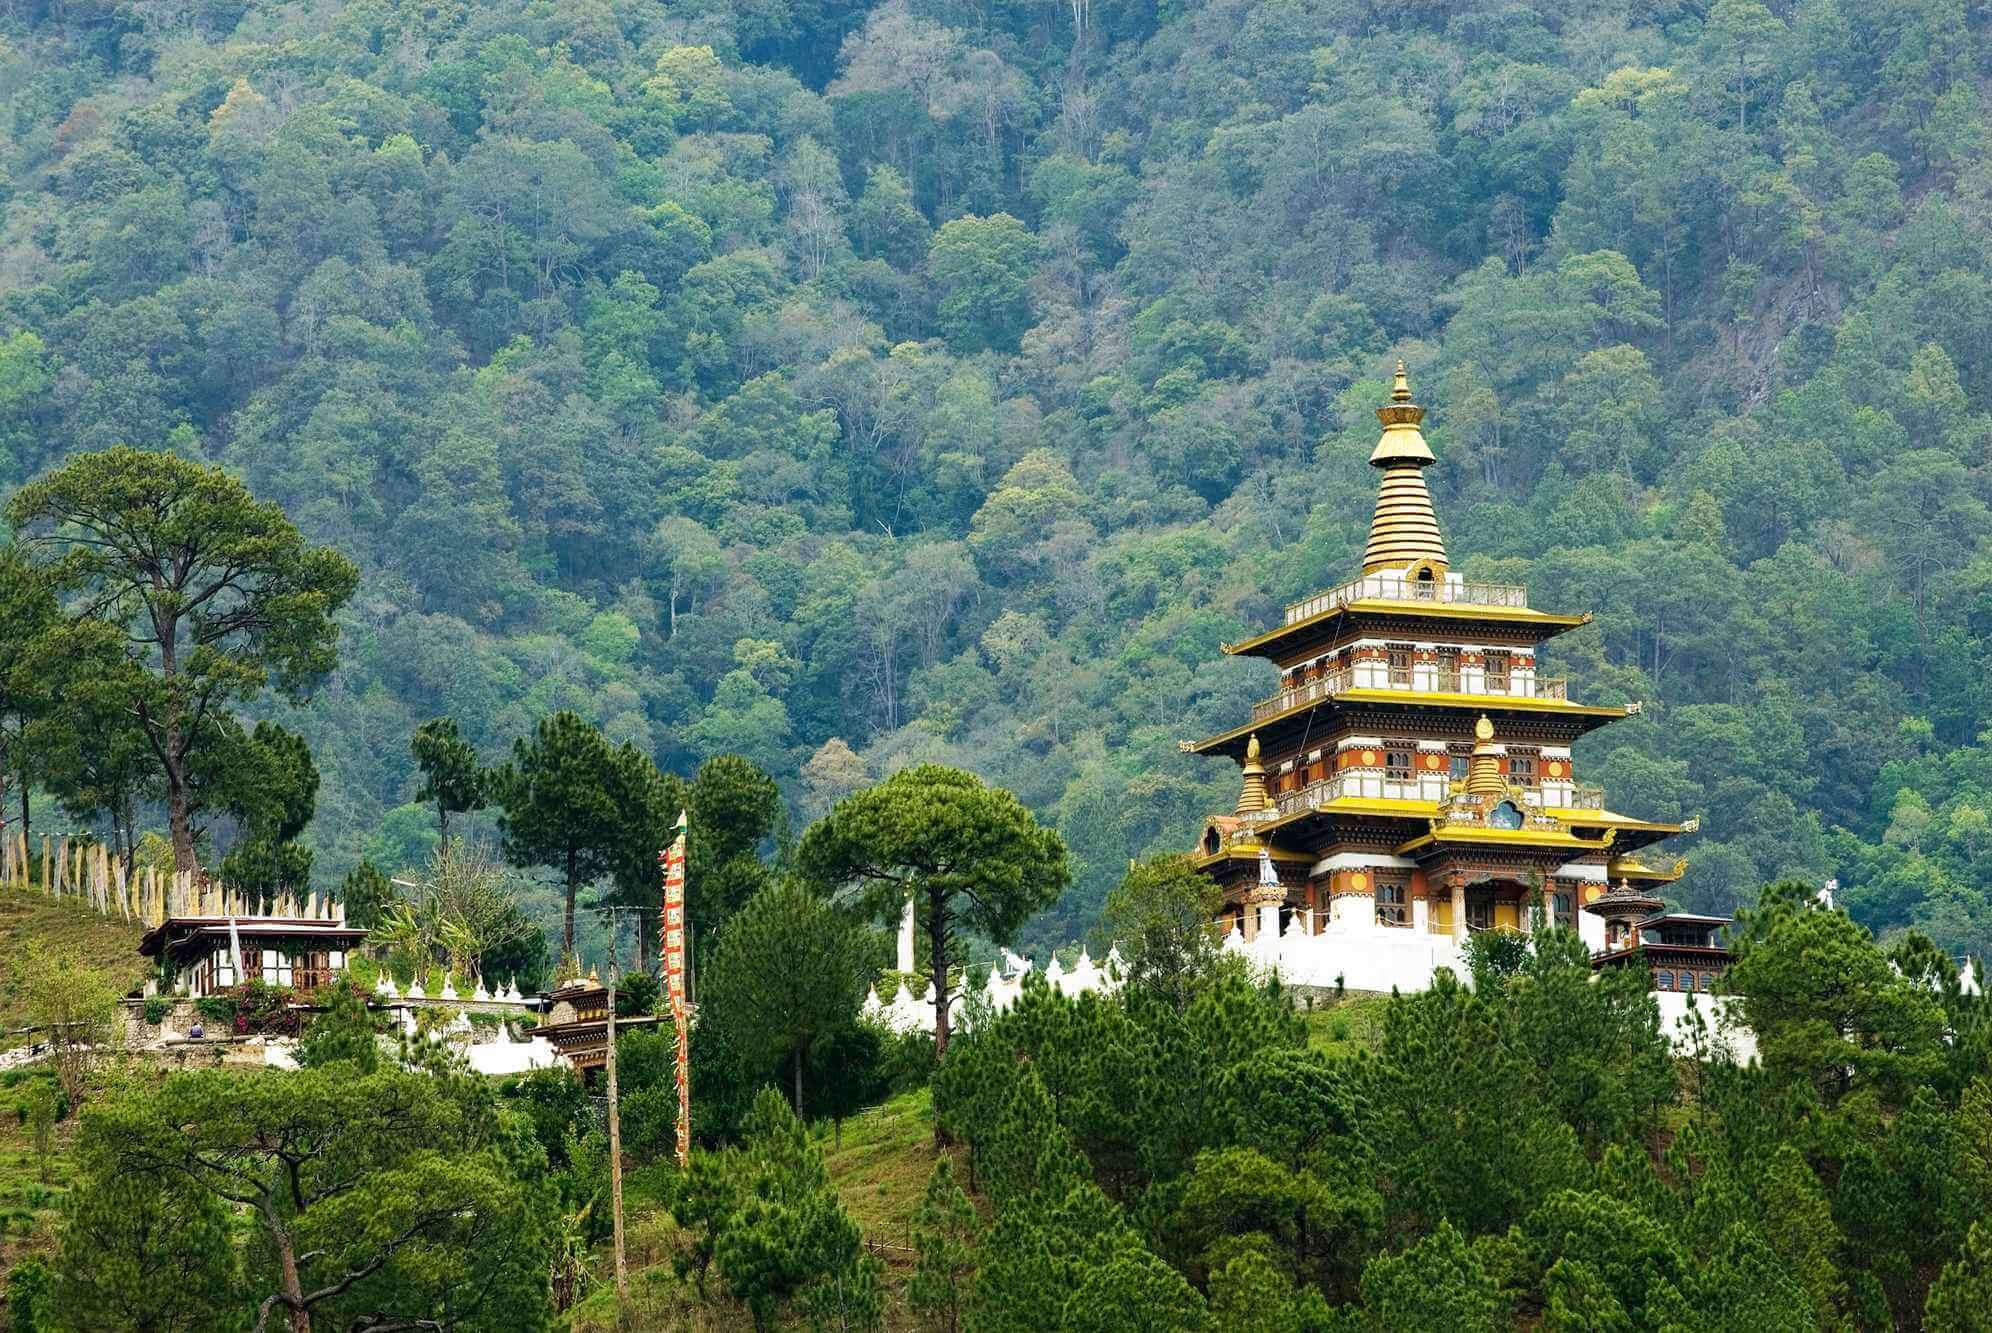 Reise nach Bhutan: Tempel, Meditation & Buddhismus erleben ...